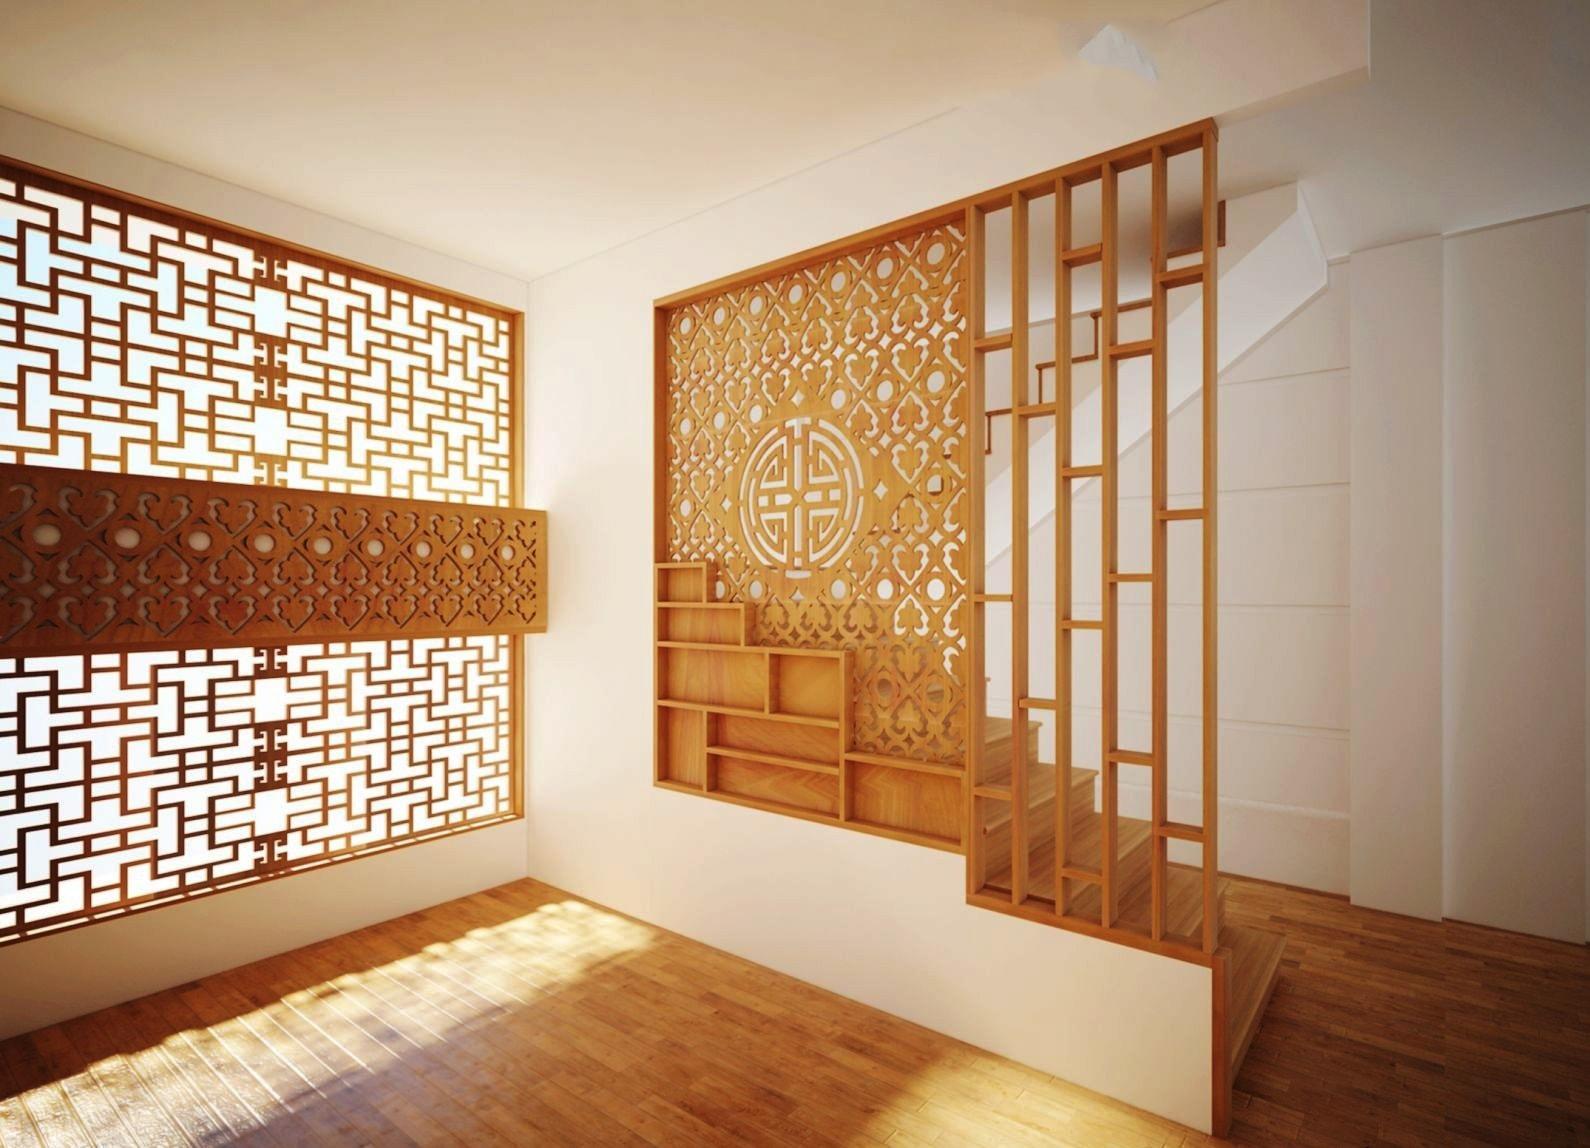 Vách ngăn gỗ công nghiệp giá rẻ, đẹp phù hợp cho không gian nhà bạn